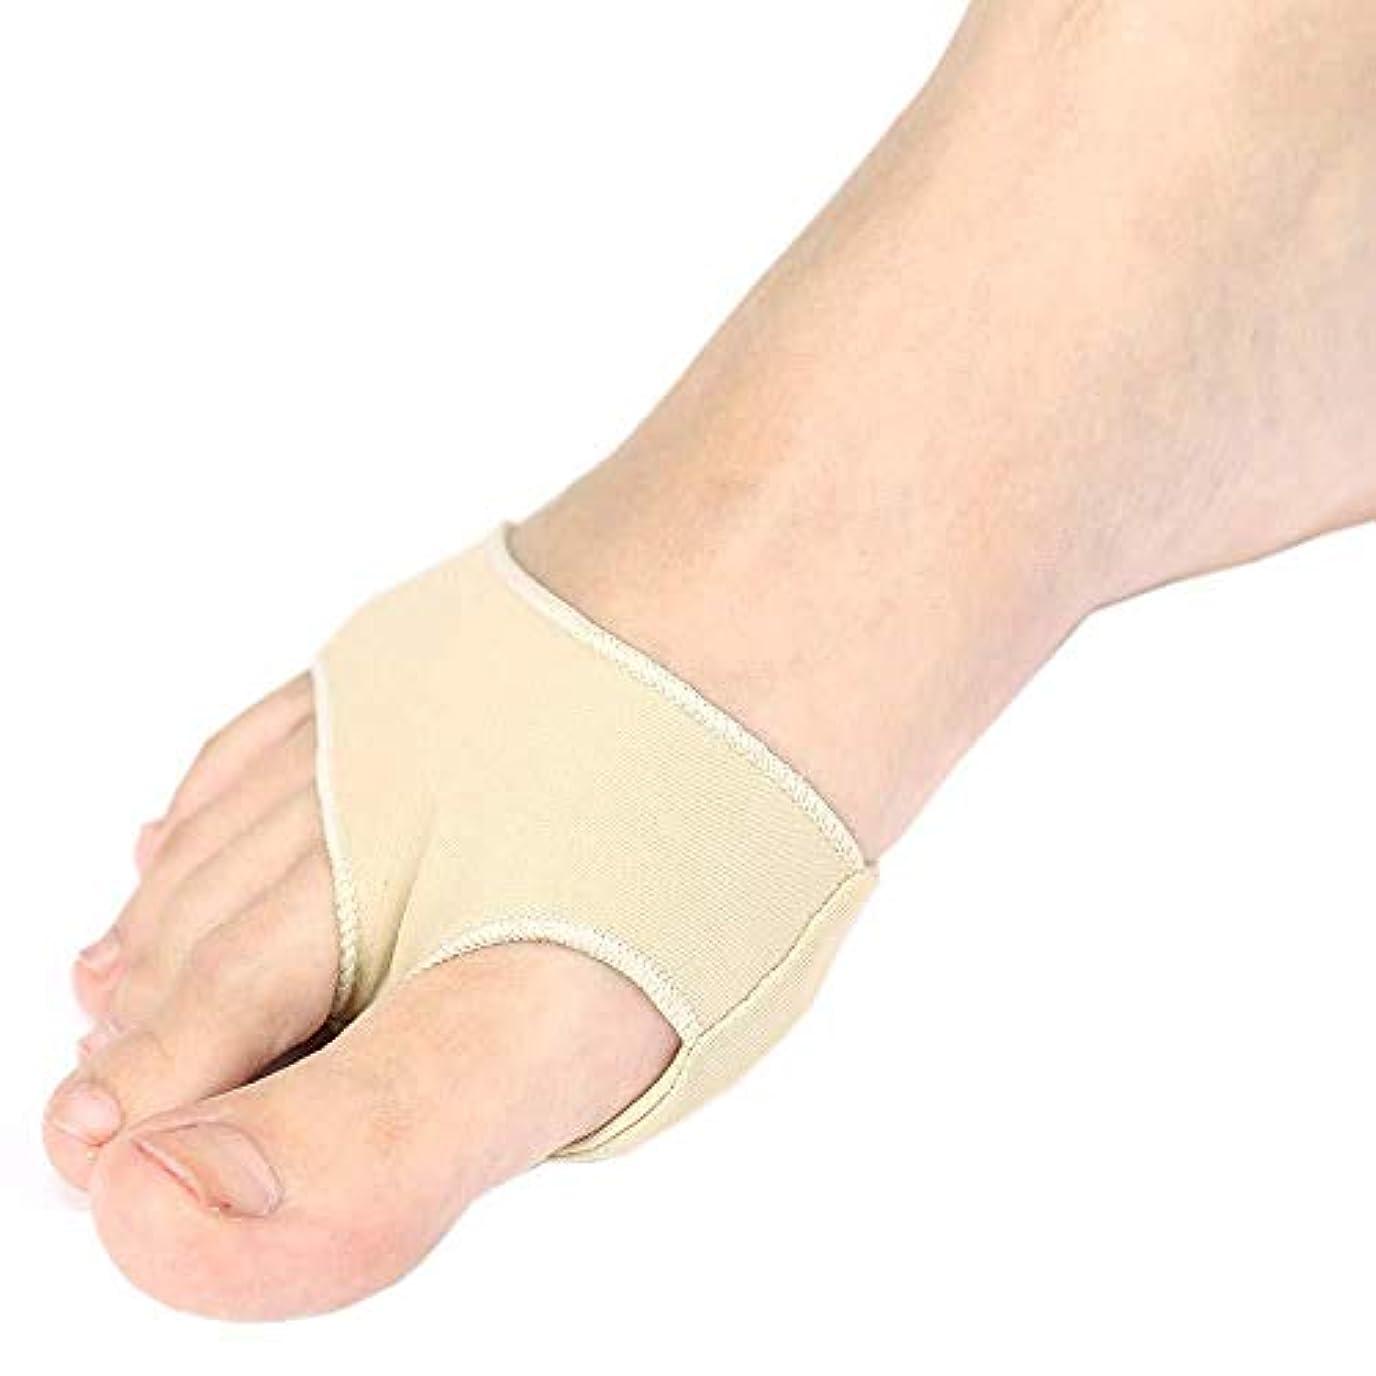 委任運ぶ共和国つま先と外反の分離のためのつま先セパレーター、足の親指矯正器、つま先矯正器、装具つま先セパレーター,L